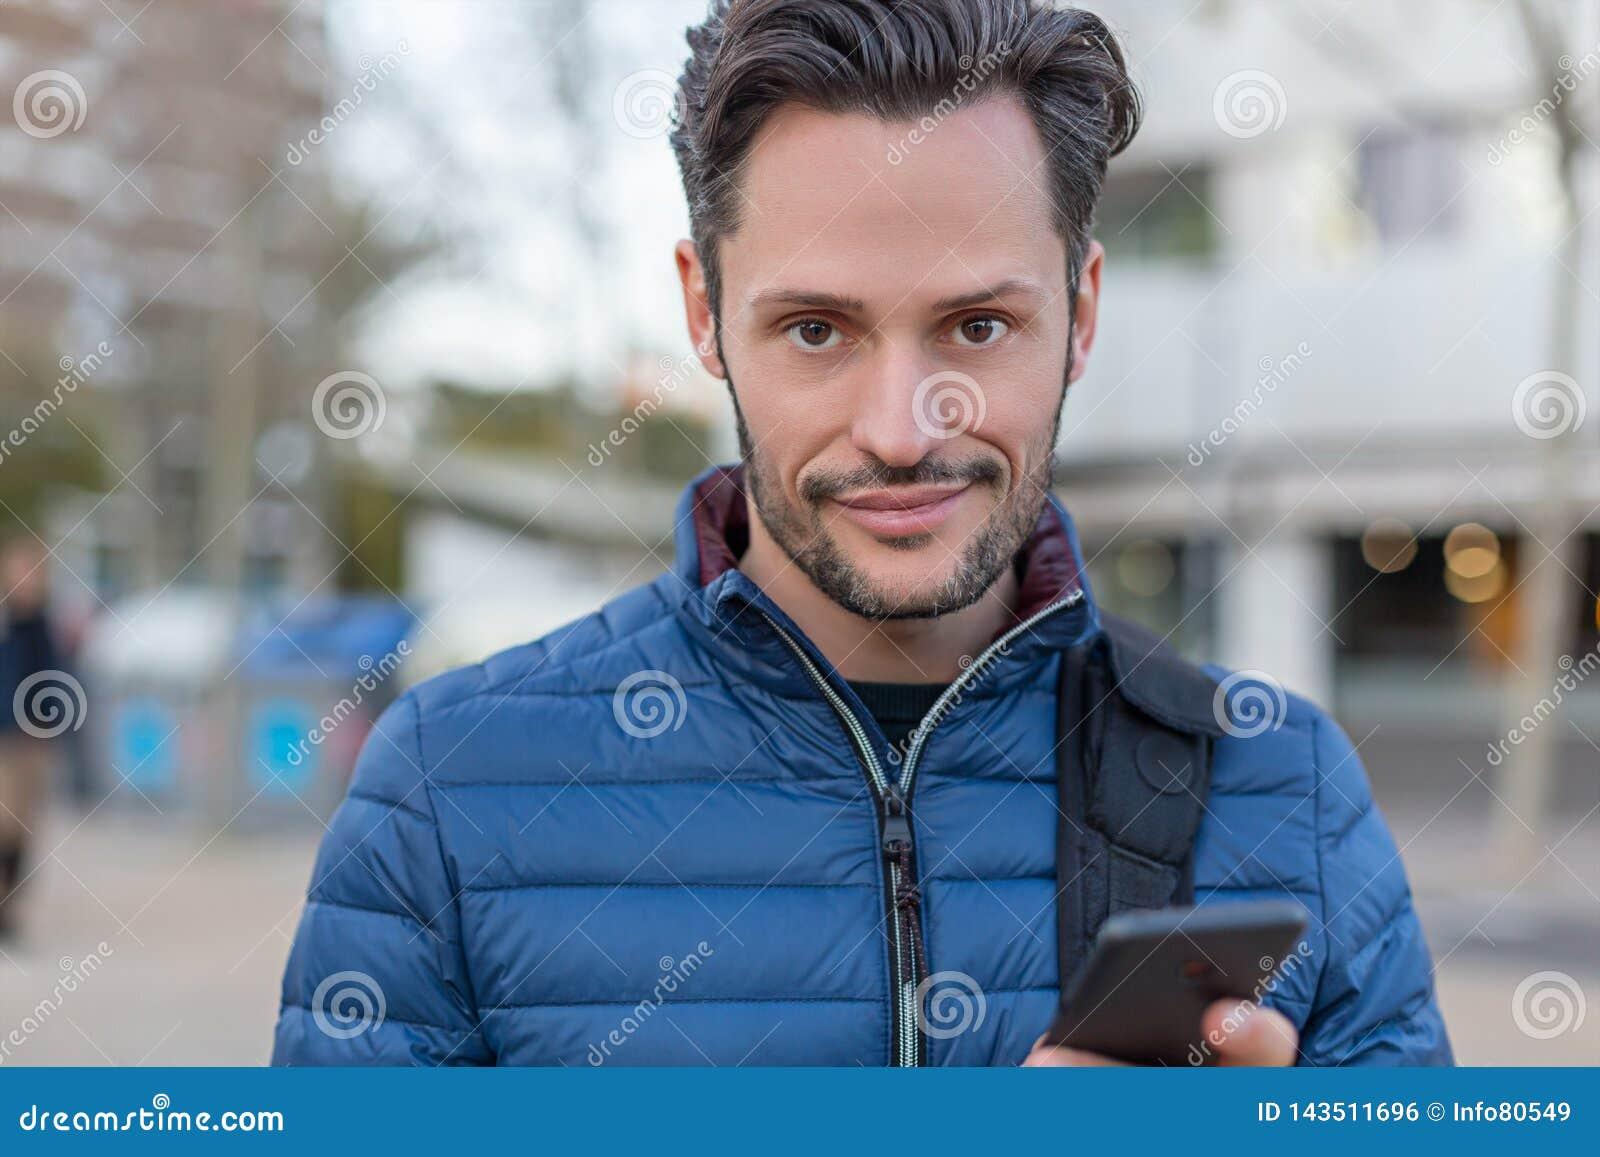 Hombre de la calle sonriente del negocio joven con un teléfono móvil y una chaqueta azul